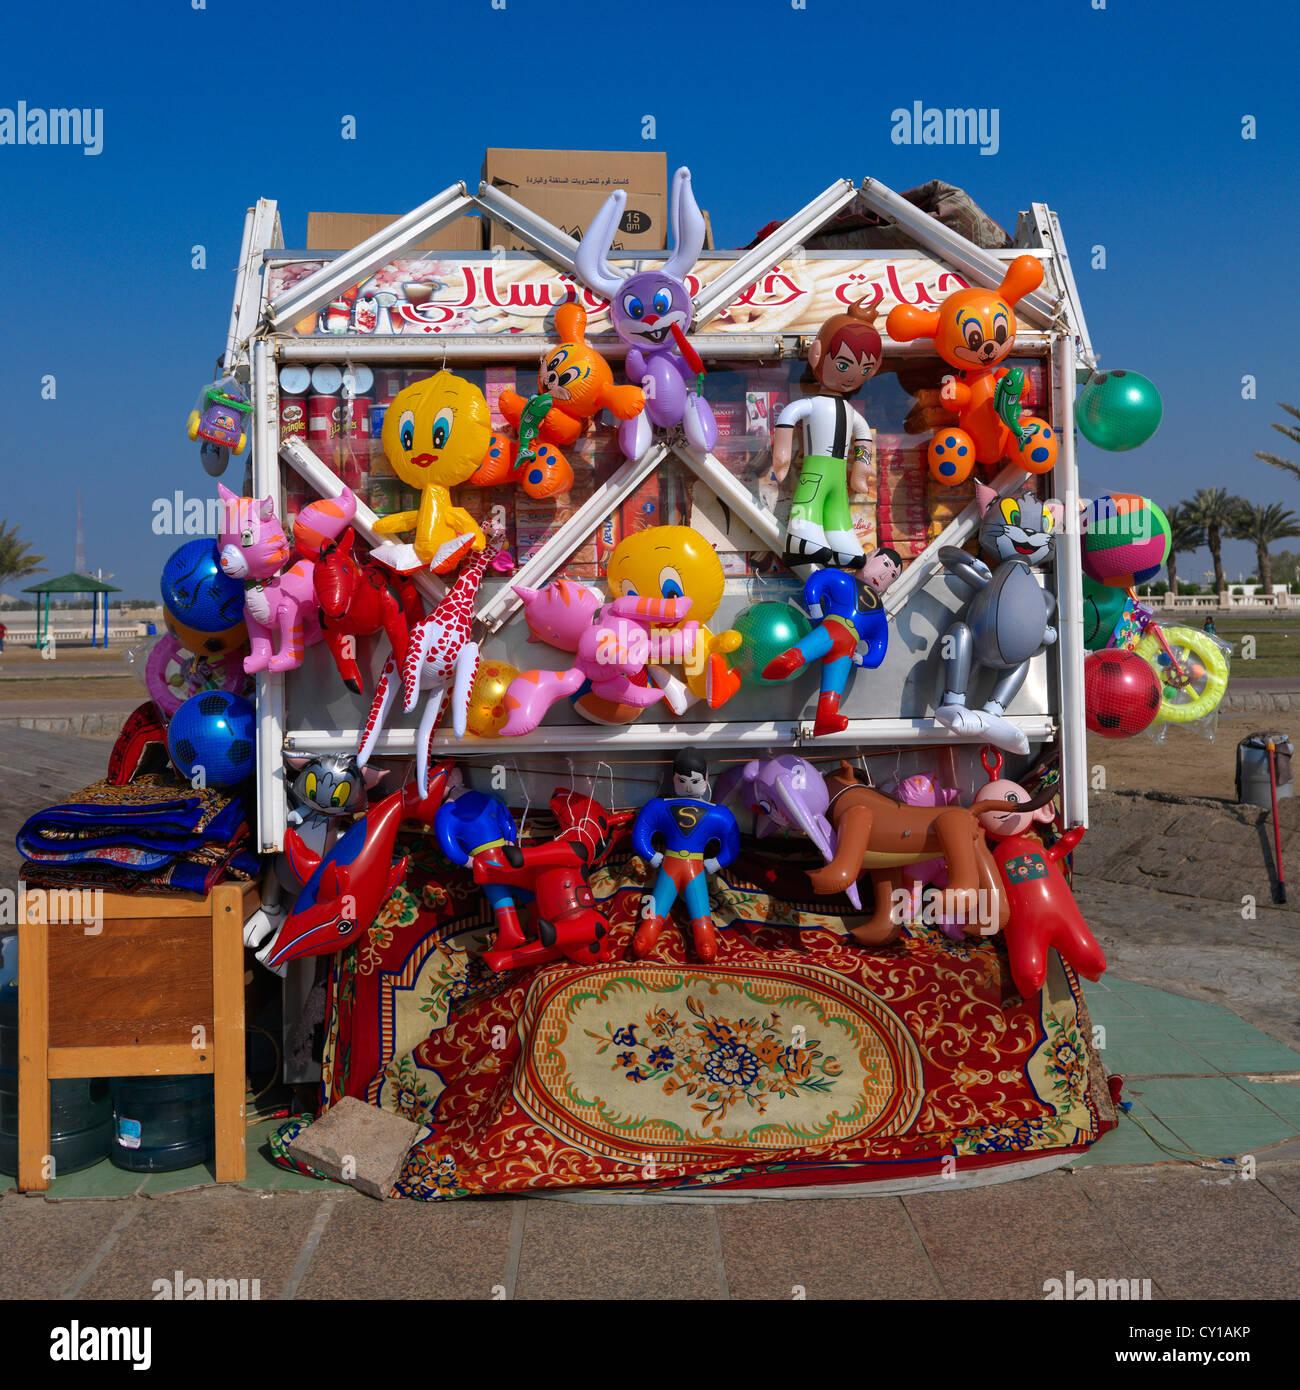 Boutique de jouets de plage à Jeddah, Arabie Saoudite Photo Stock